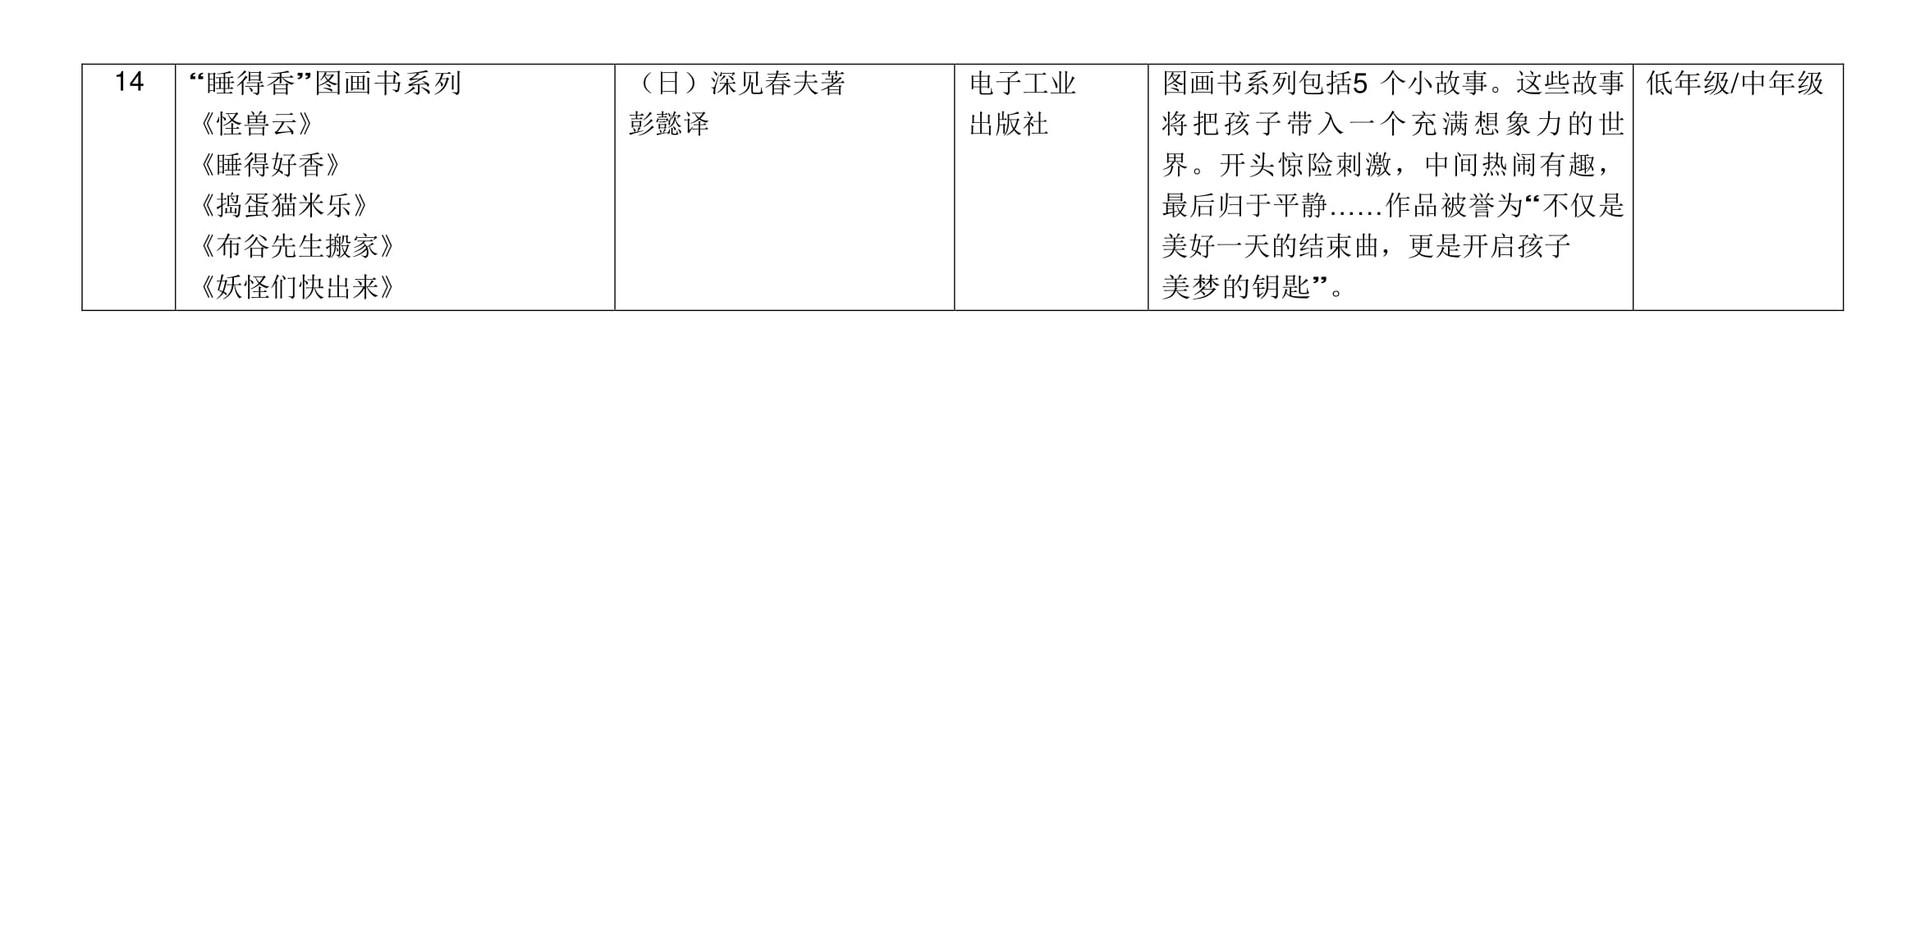 小学华文课外读物参考书目5.jpg